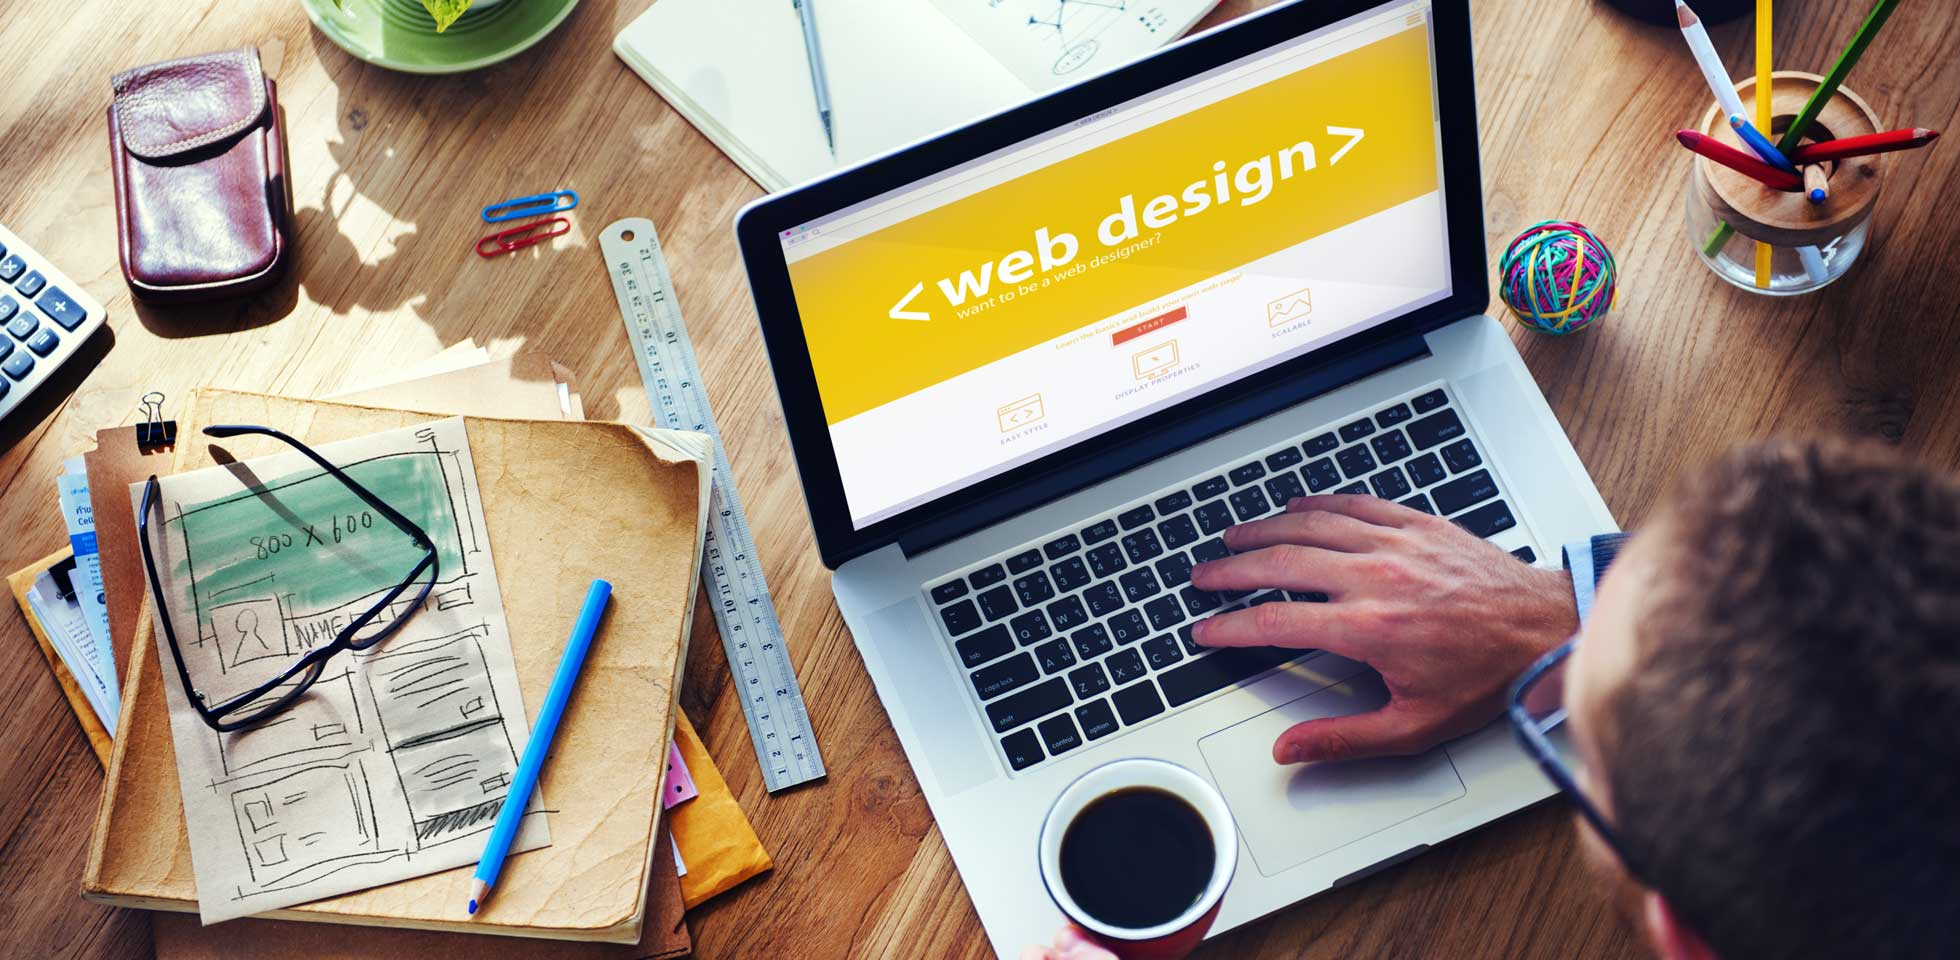 Zion-Web-Design